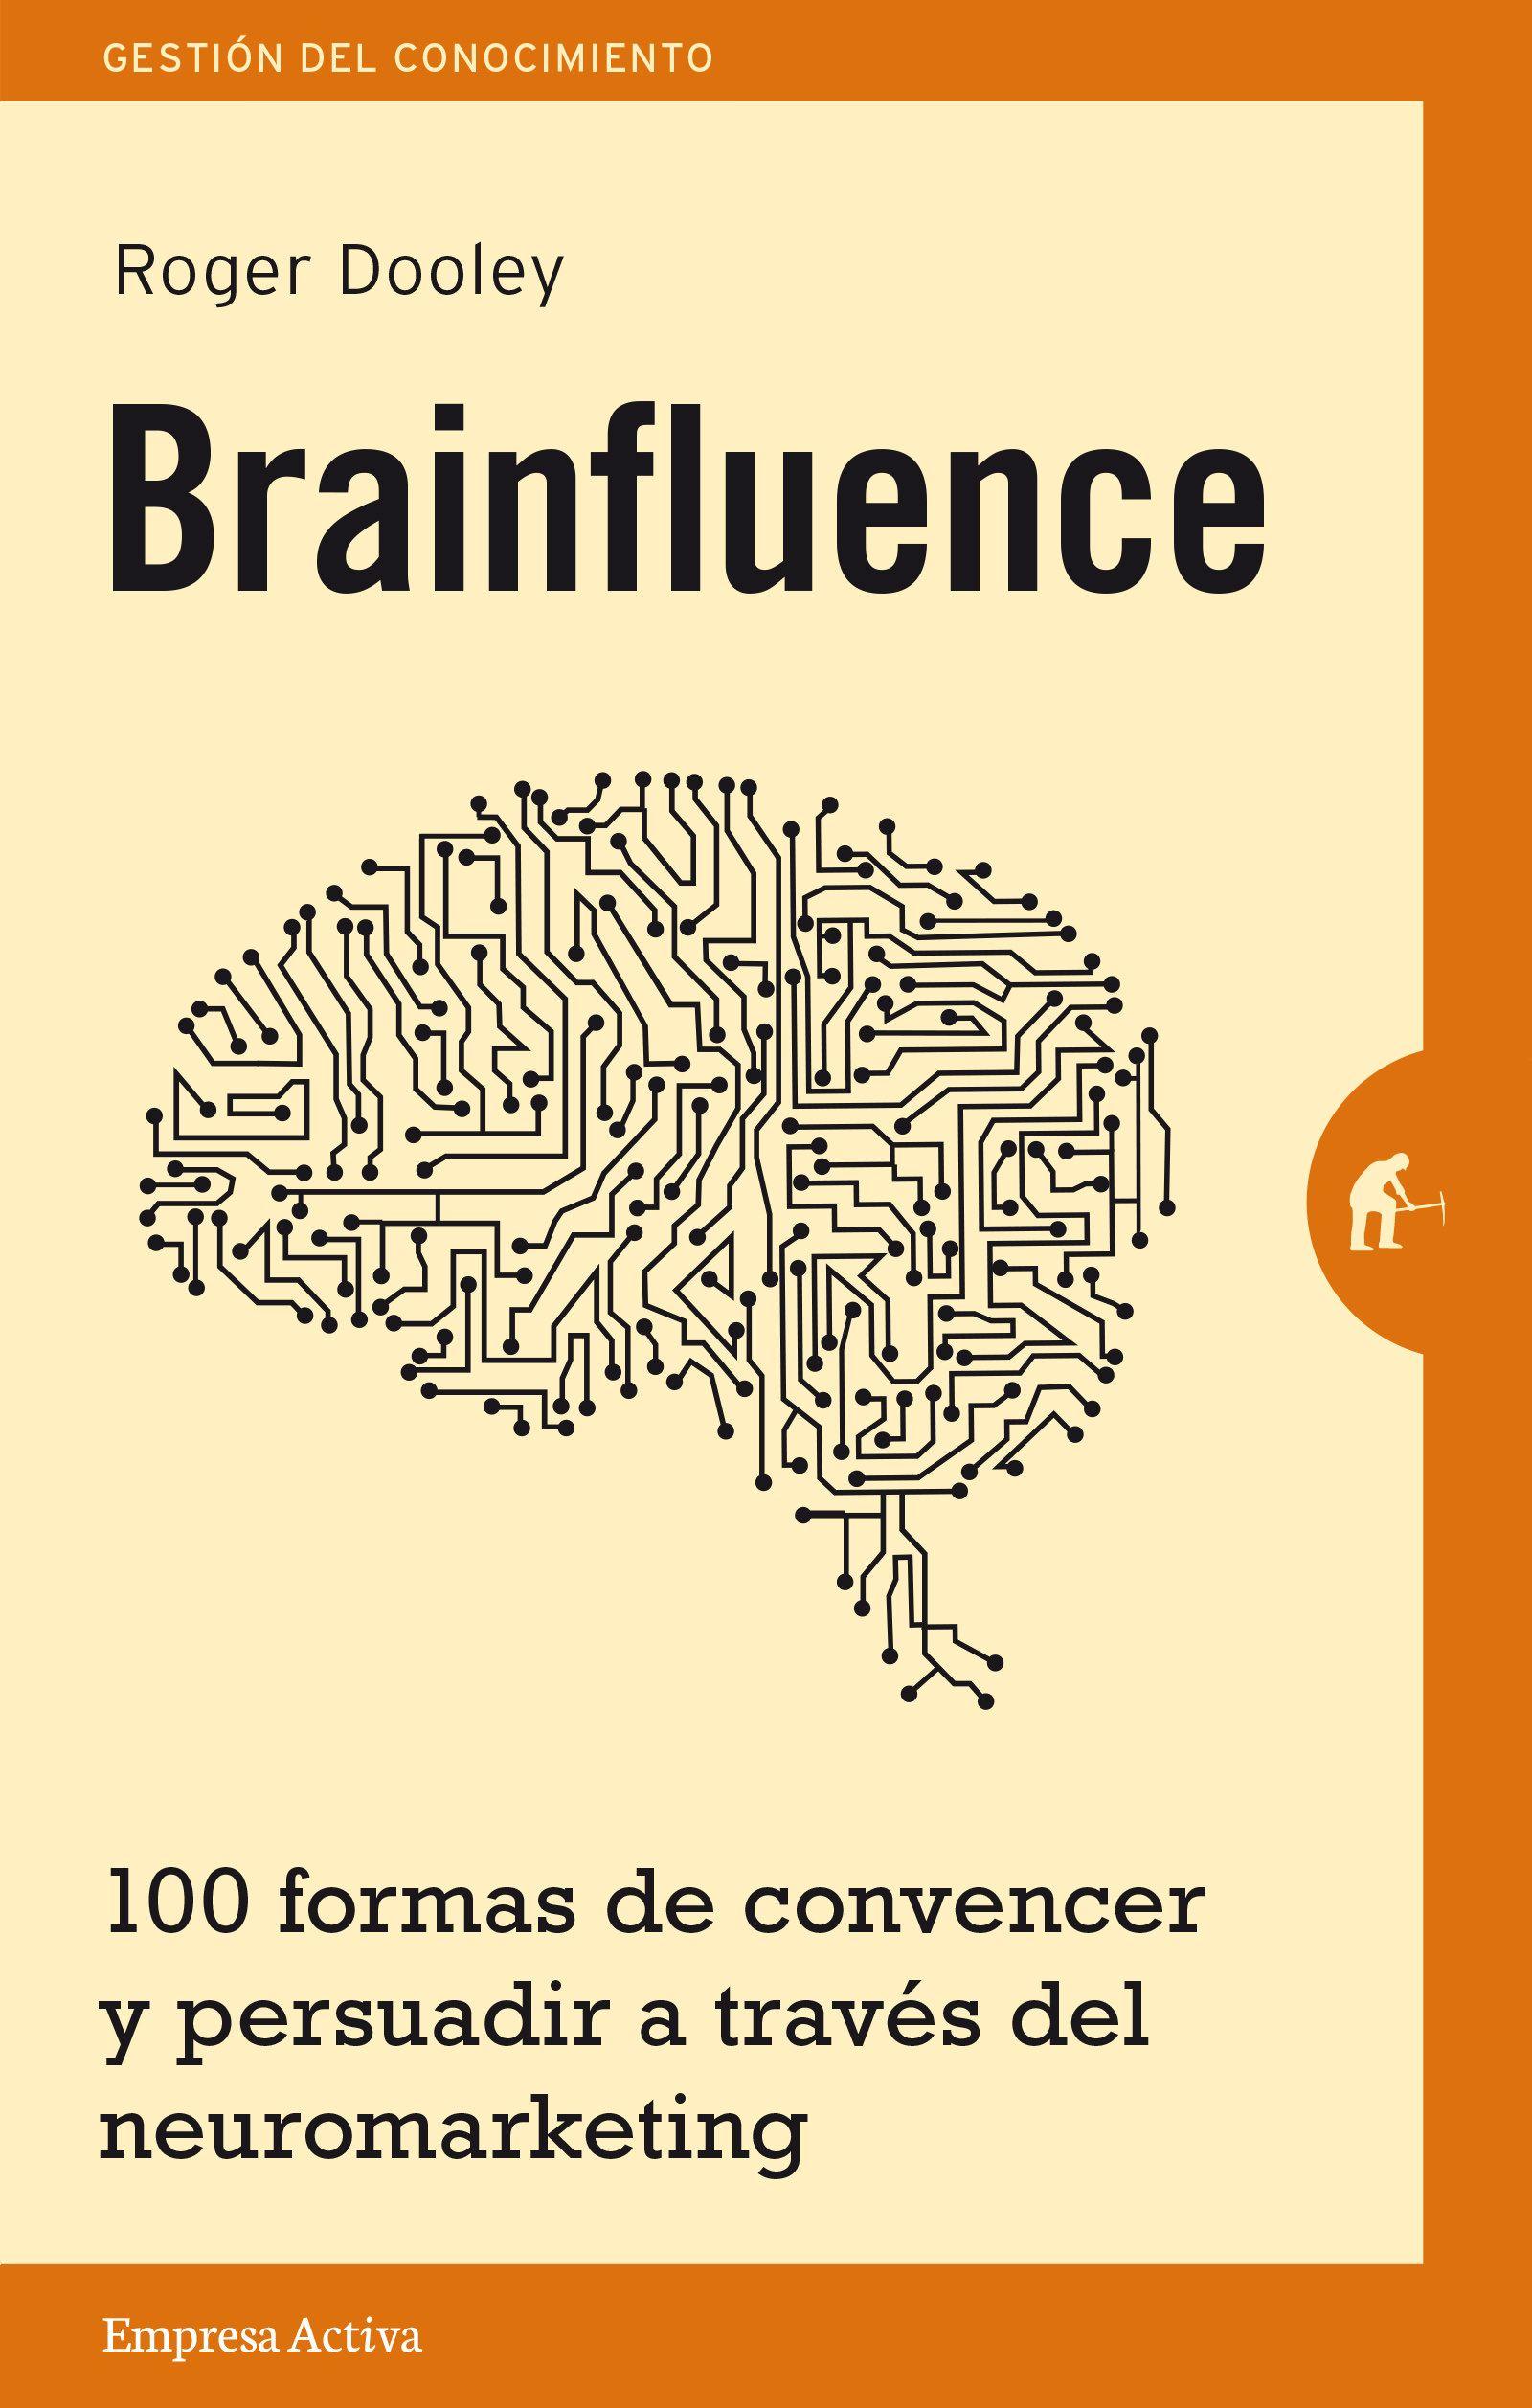 Resumen con las ideas principales del libro brainfluence de roger dooley cien